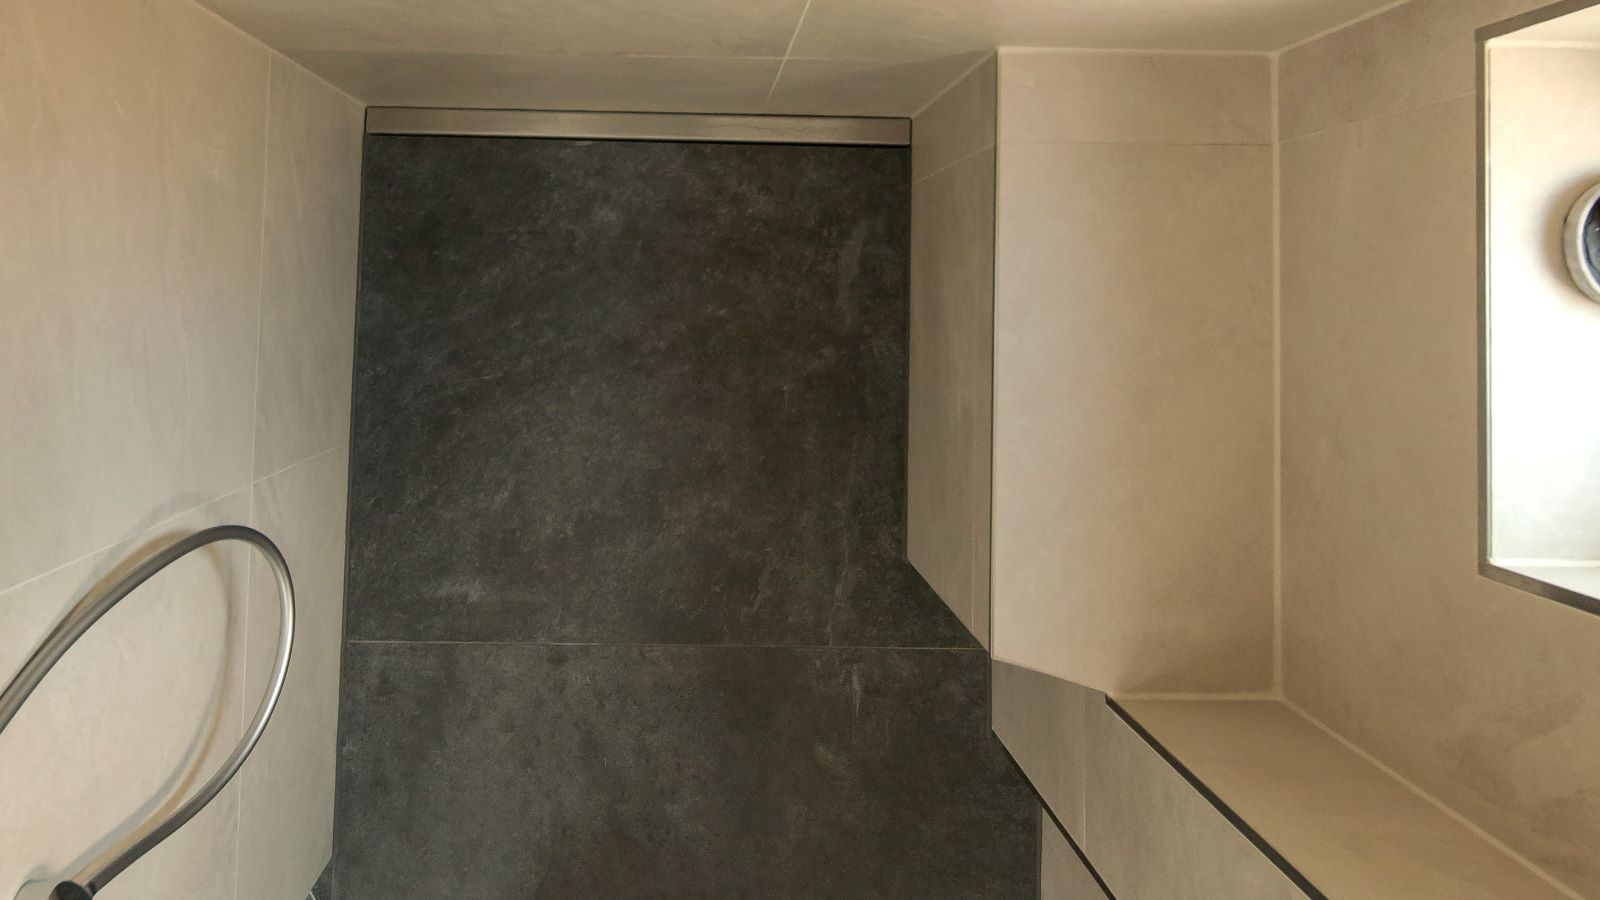 Abgebildet ist die in einer barrierefreien dusche wandbuendig in einer wandnische eingebaute, zeitlose v4a edelstahl-duschrinne pro. Cm-genau massgefertigt bis 600 cm laenge laesst sich die duschrinne pro einfach in die wandnische einbauen. Durch ihre sehr hohe ablaufleistung ermoeglicht die unempflindliche duschrinne pro eine sehr gute linienentwaesserung der bodengleichen dusche. Diese ebenerdige dusche mit grosssformatigen boden- und wandfliesen befindet sich vor einem Fenster in einem altbau.